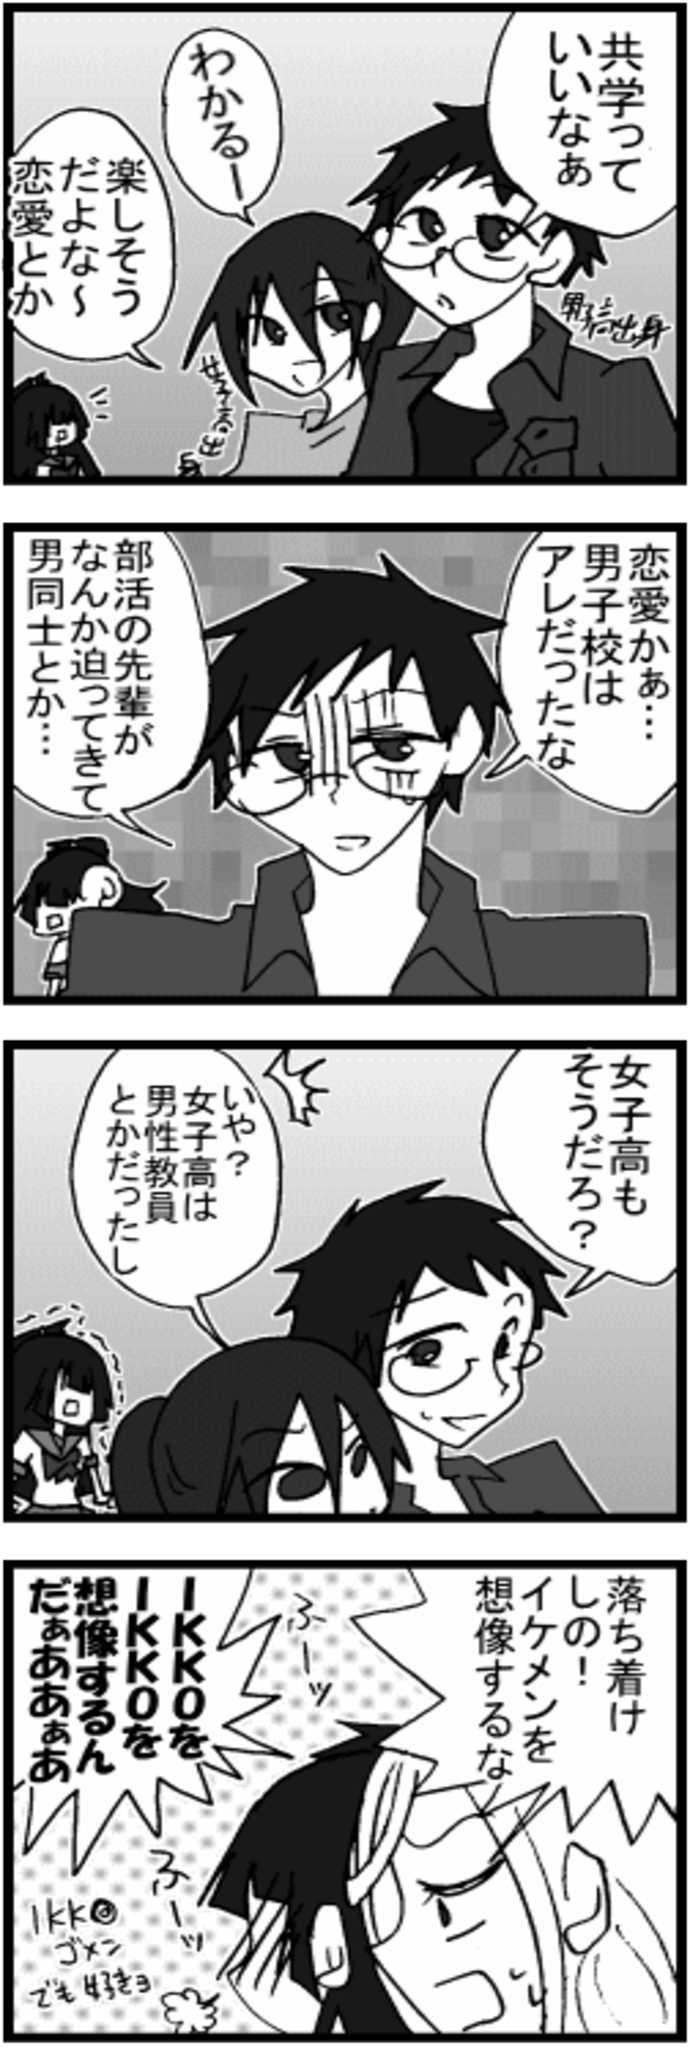 オマケ漫画「共学への憧れ」